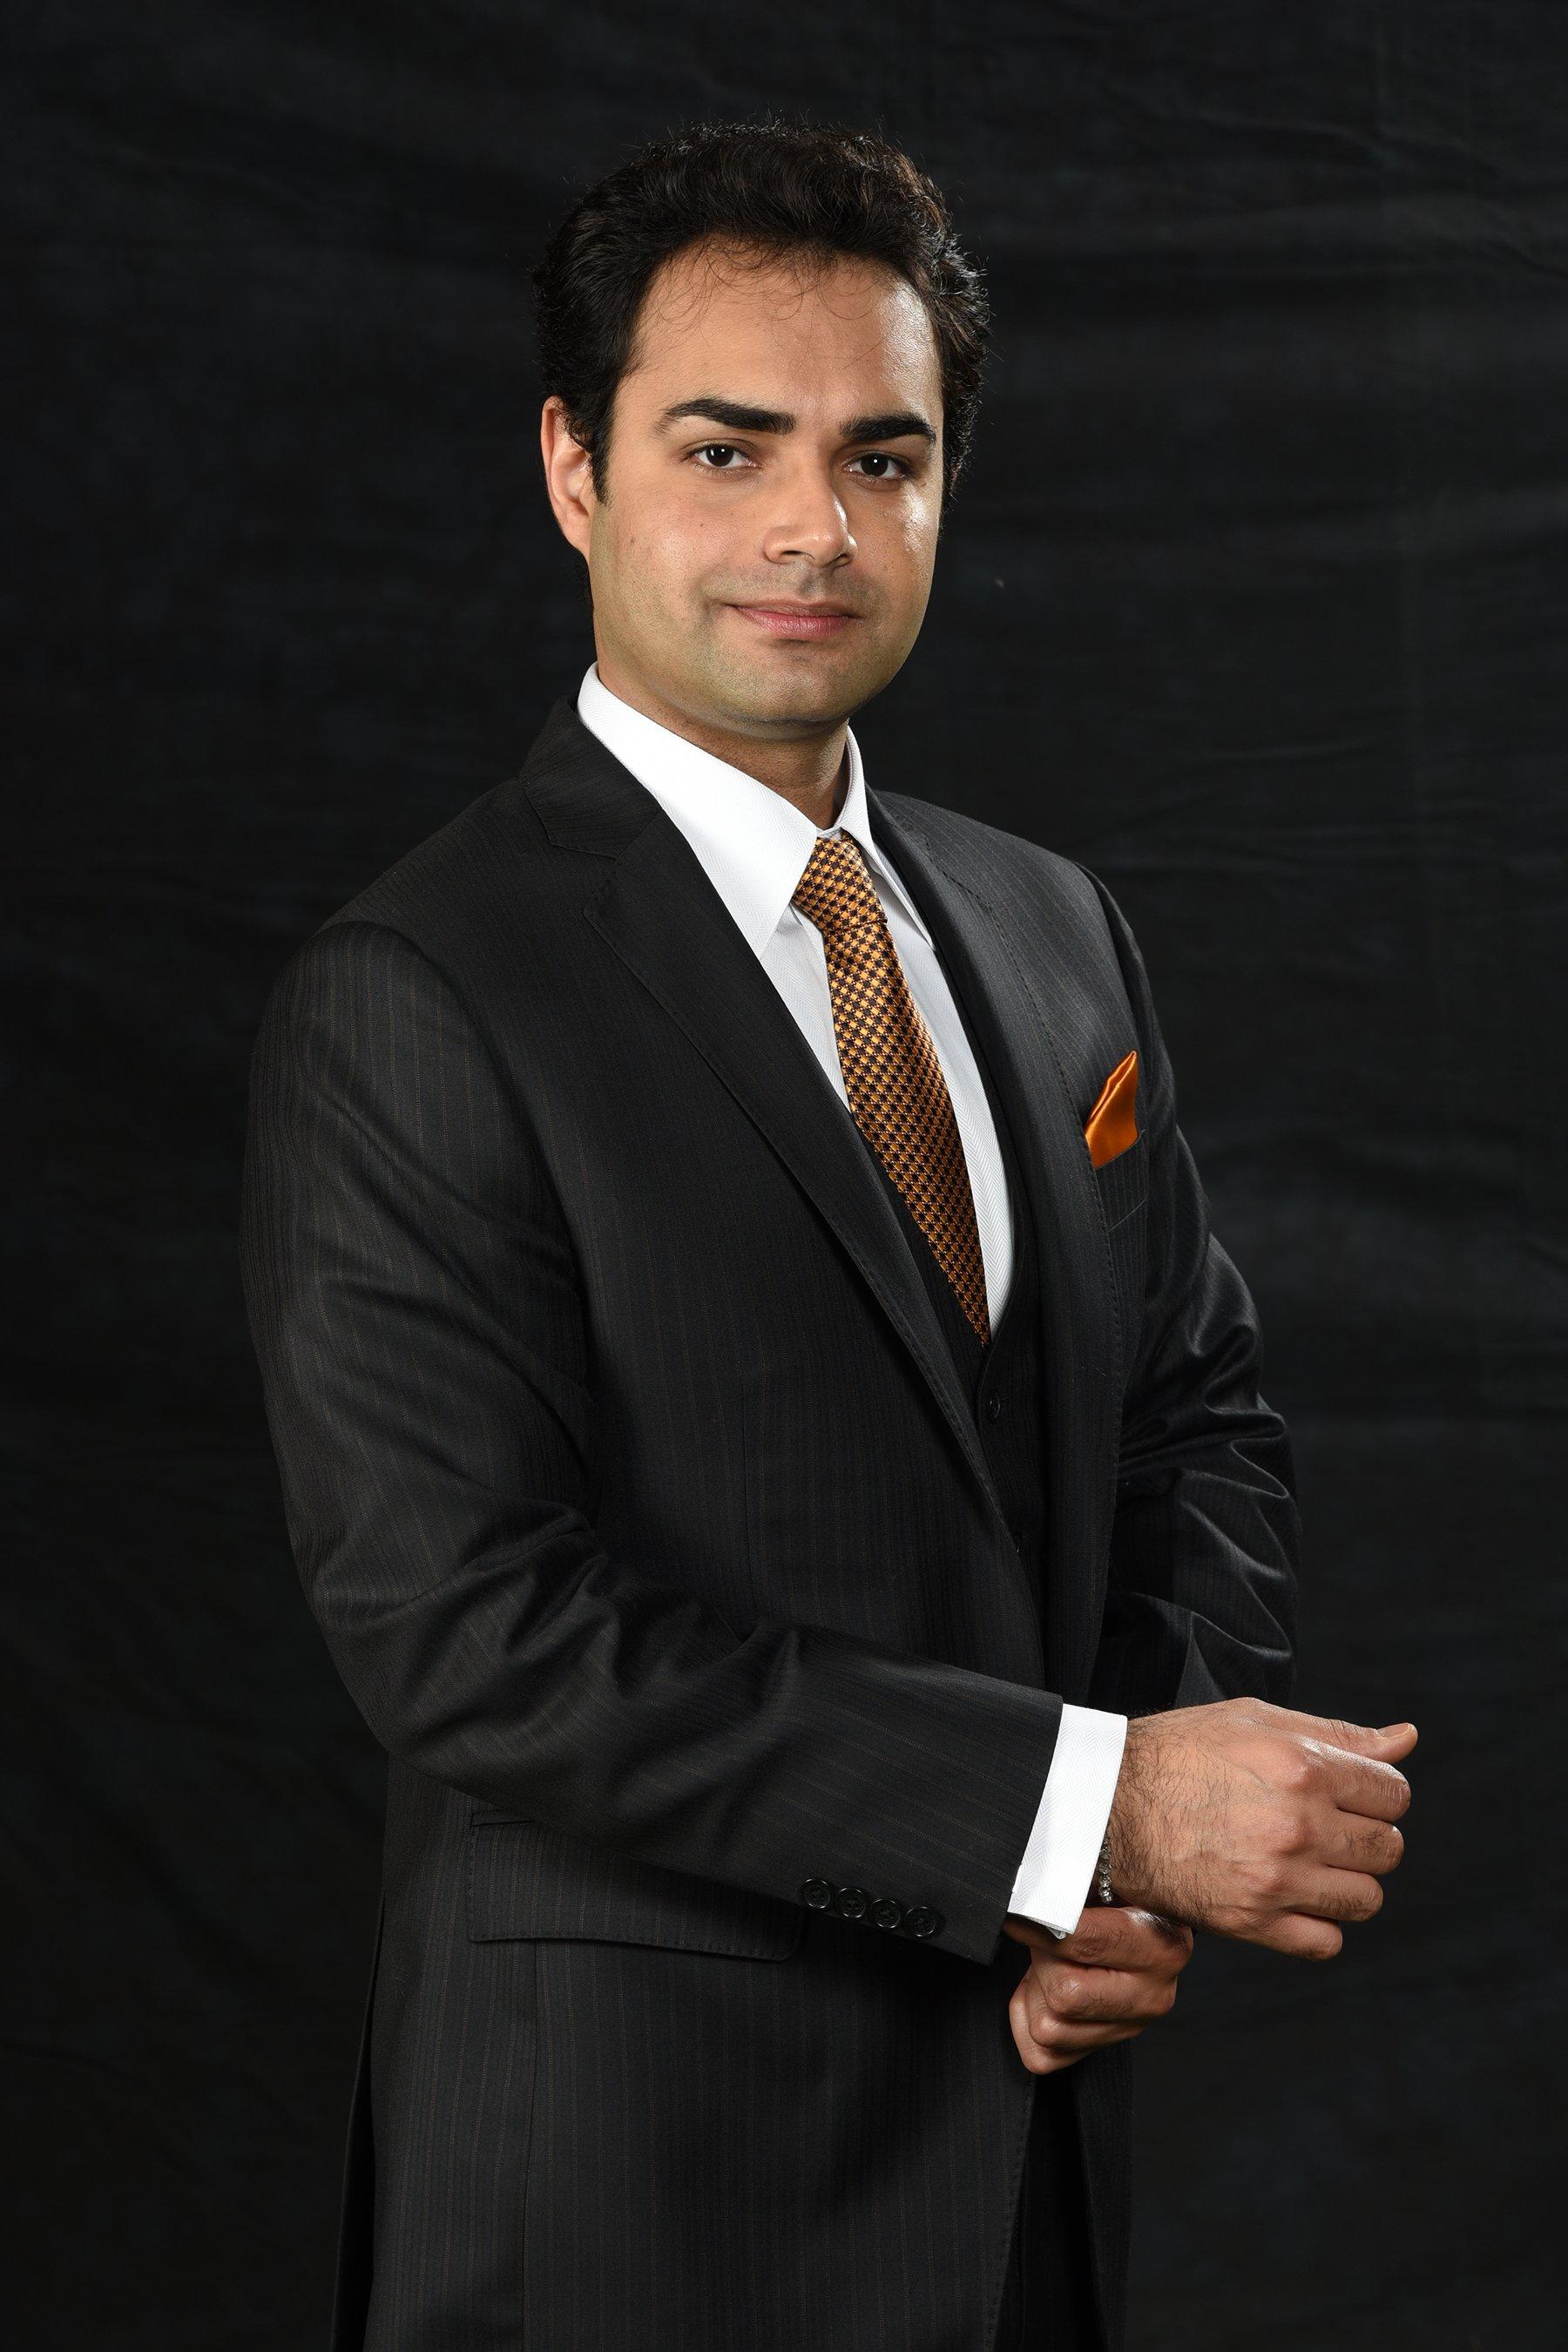 Dr. Shaunak Patel